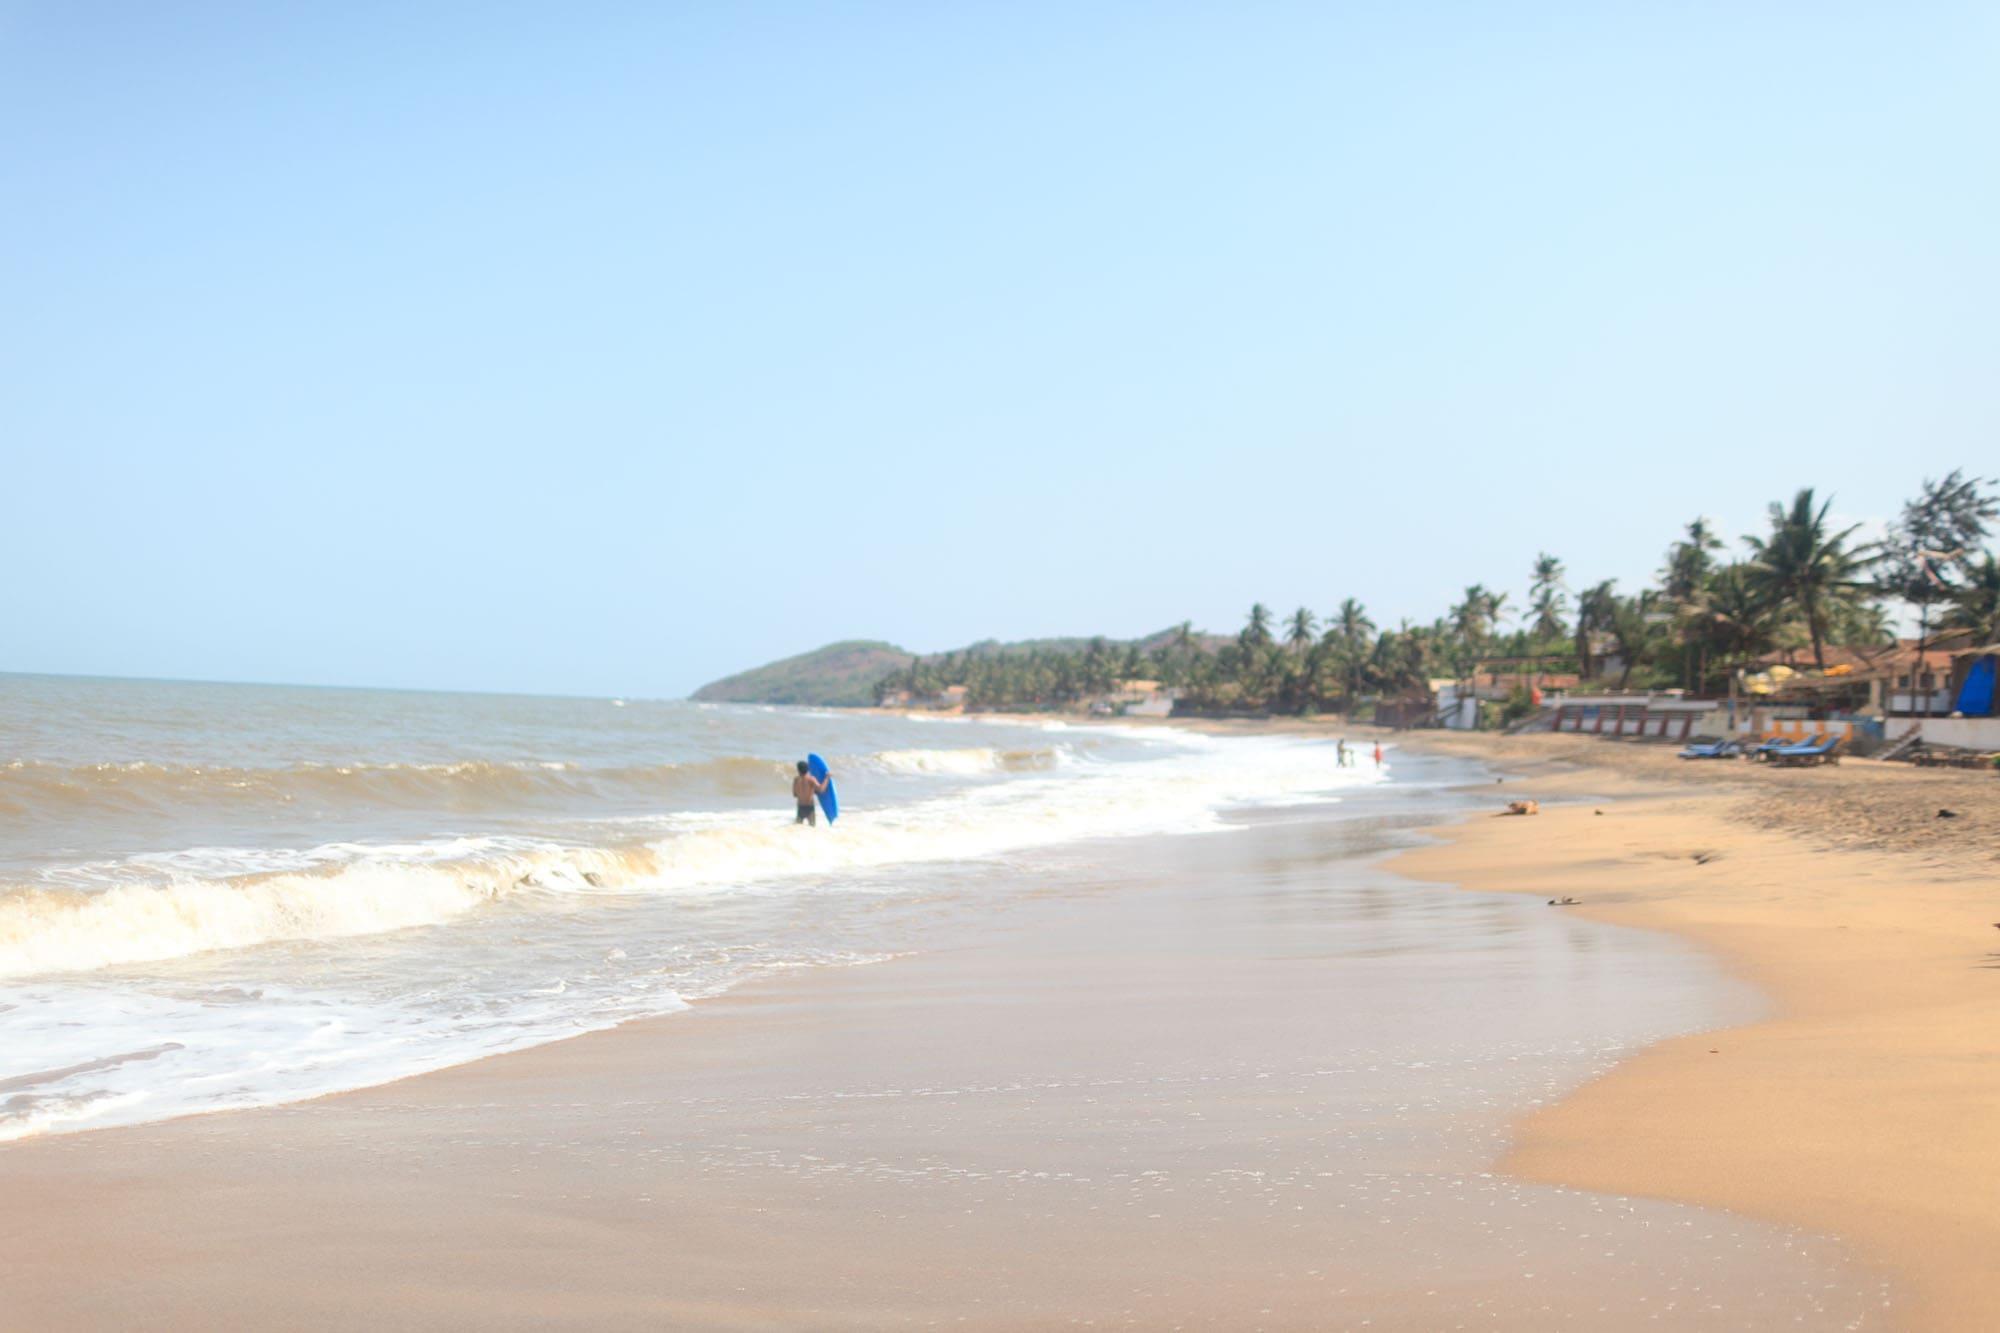 Beach in Anjuna, Goa, India